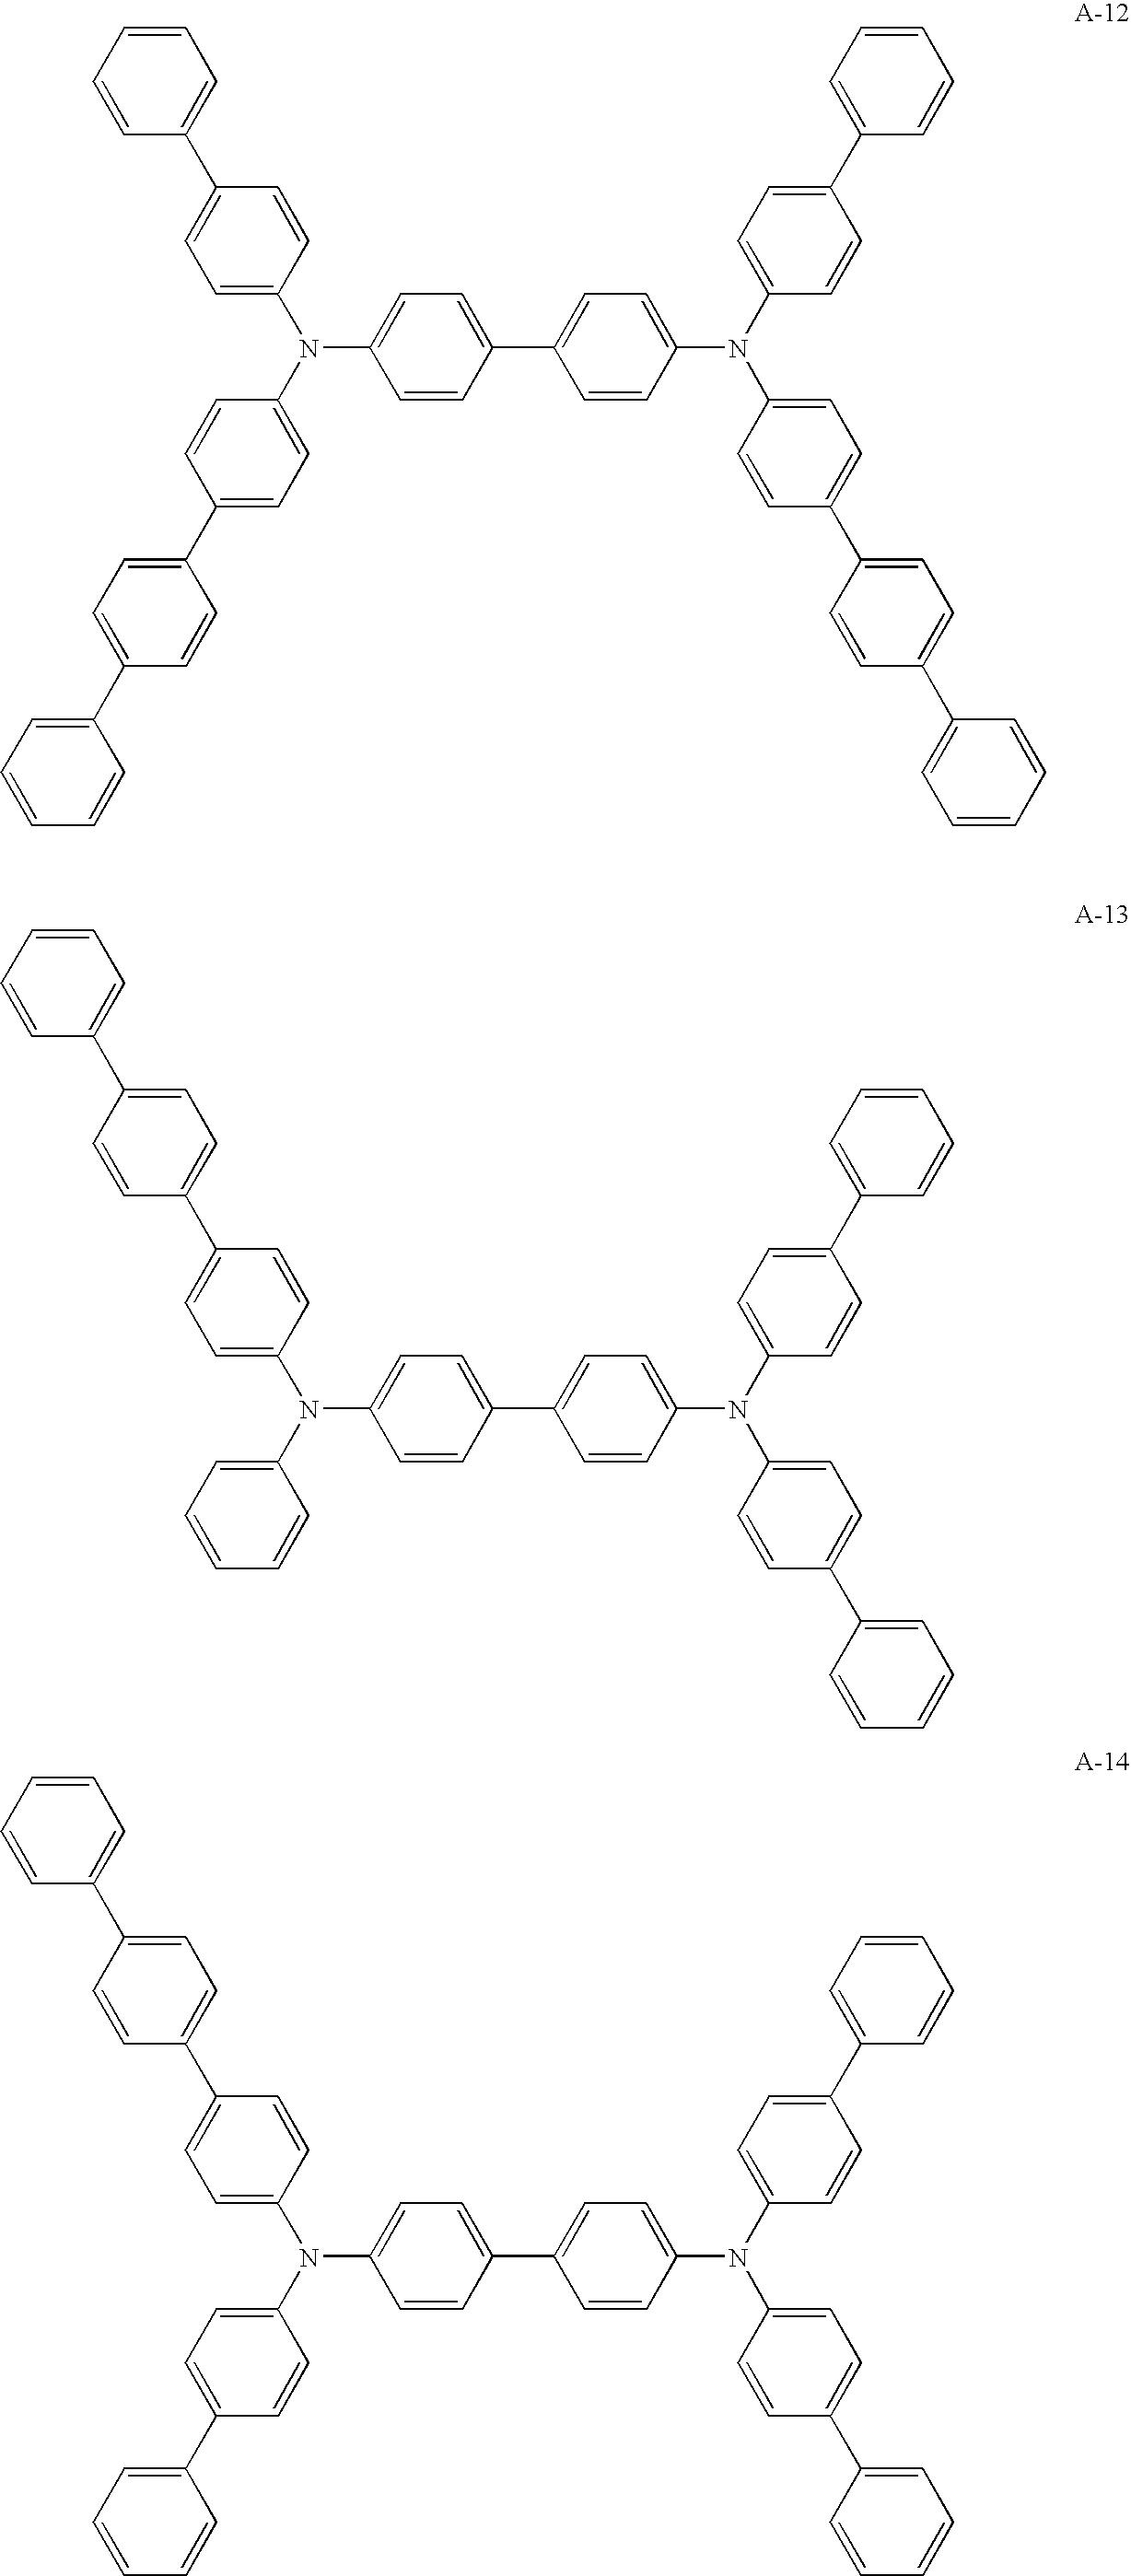 Figure US20080049413A1-20080228-C00011